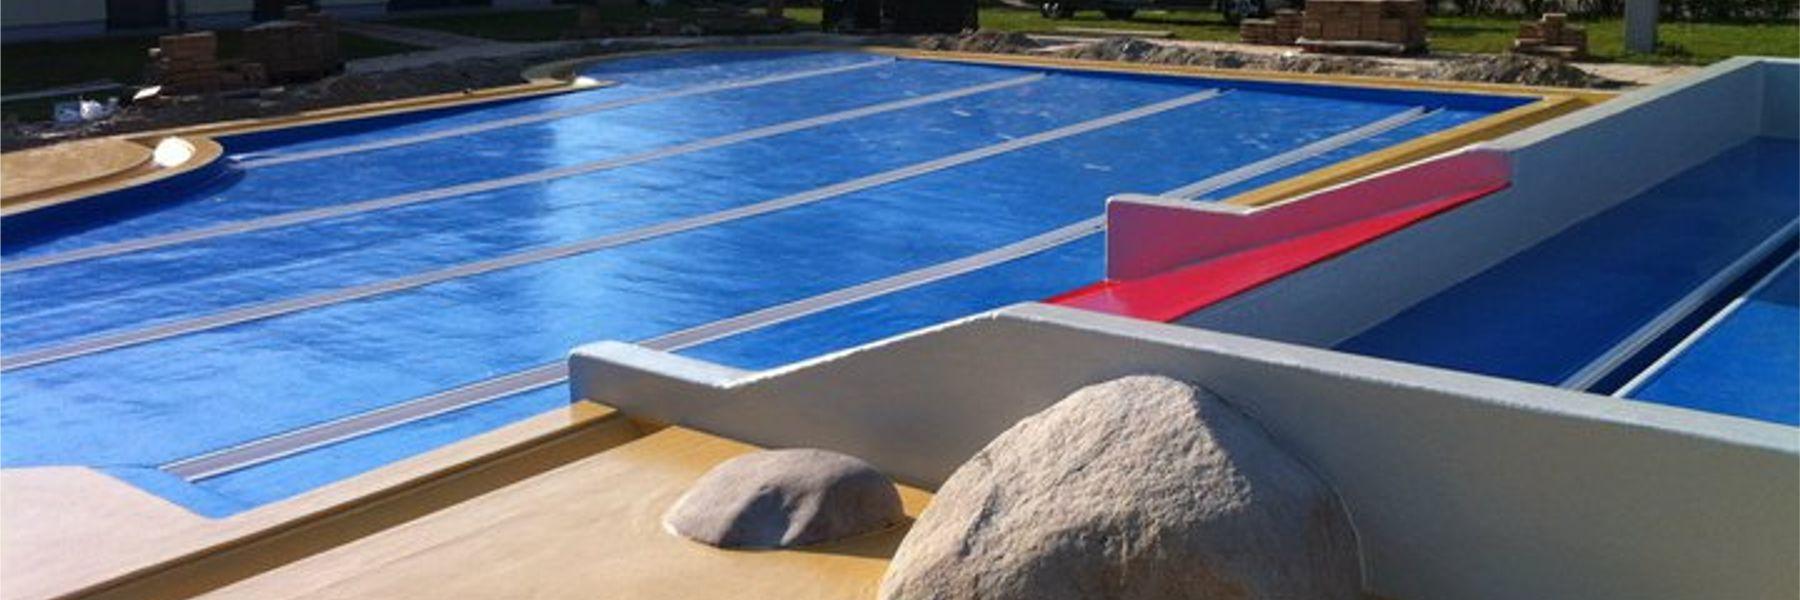 Versiegelung chlorresistent, uv-stabil, lösemittelhaltig für Pool, Schwimmbad, Wegemarkierungen